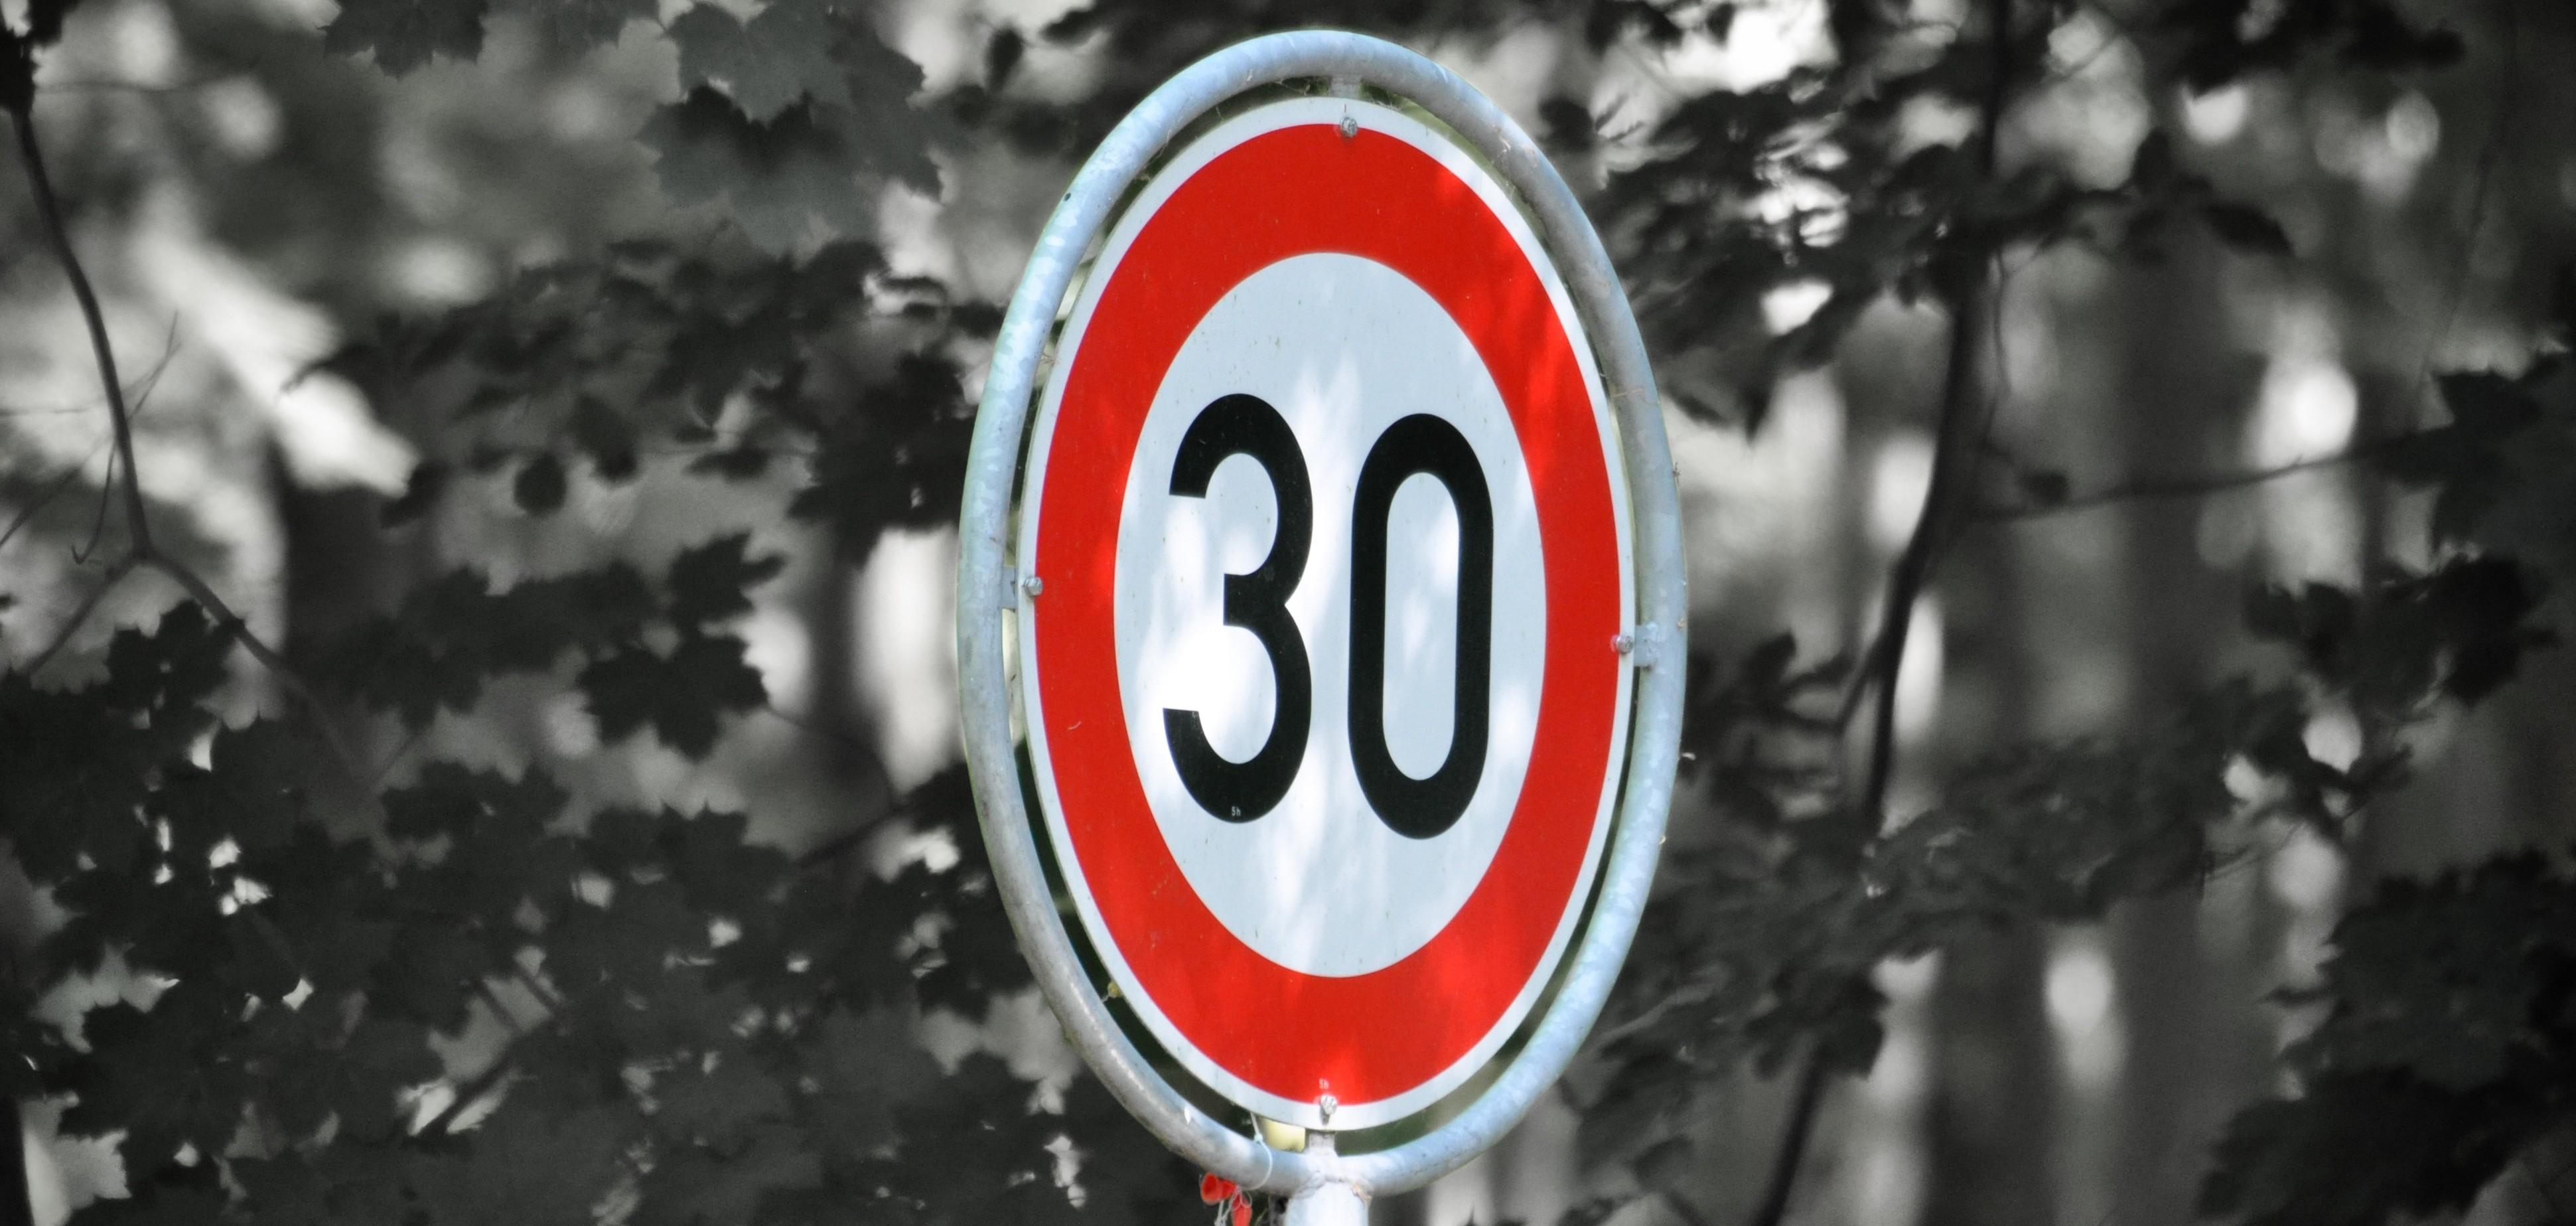 zone-30-3421625.jpg